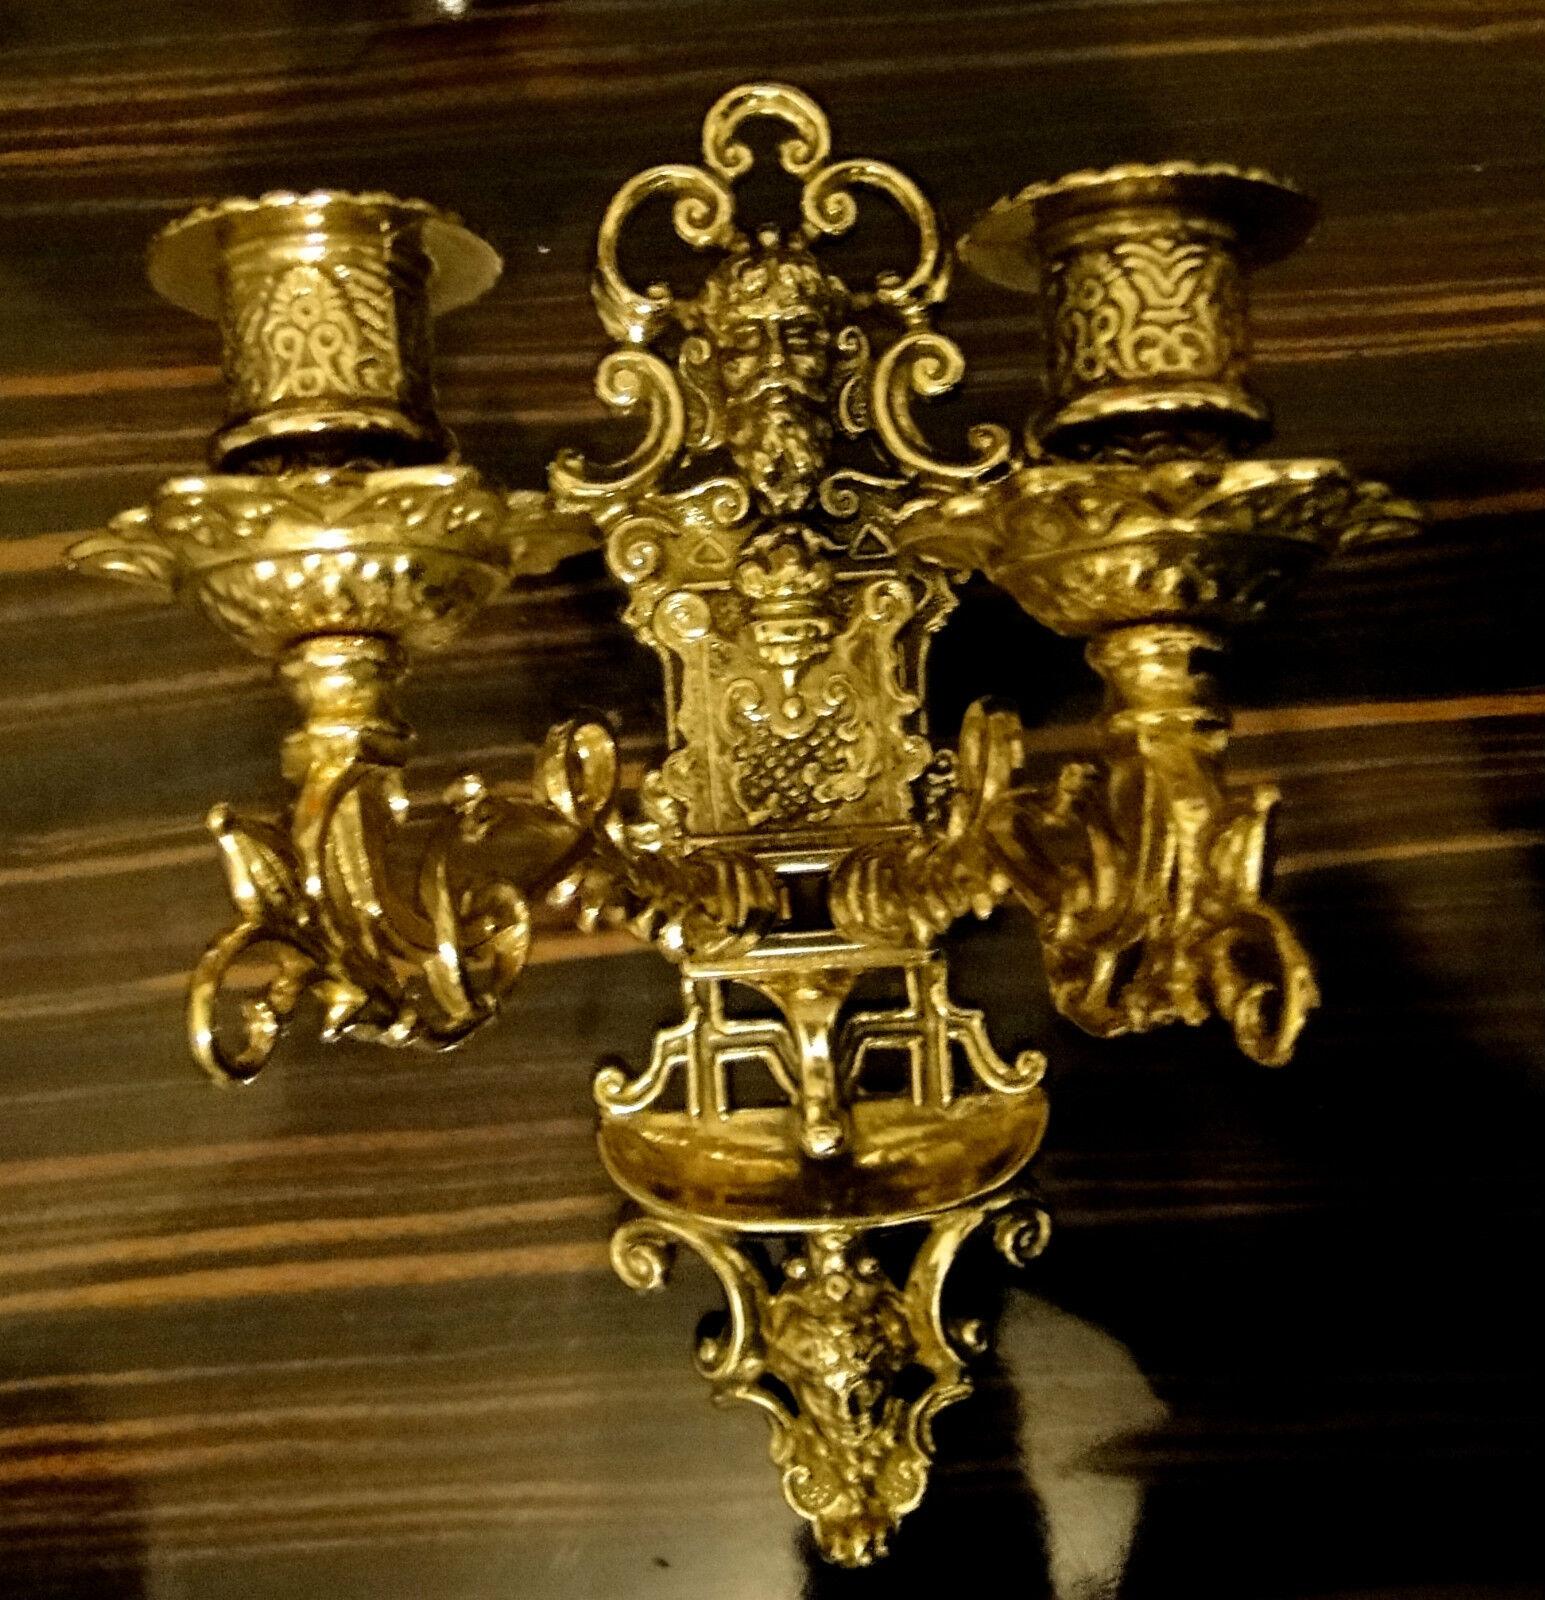 Lámparas de Piano Orientable Varios Brazos Candelabro Latón Parojo Decoración